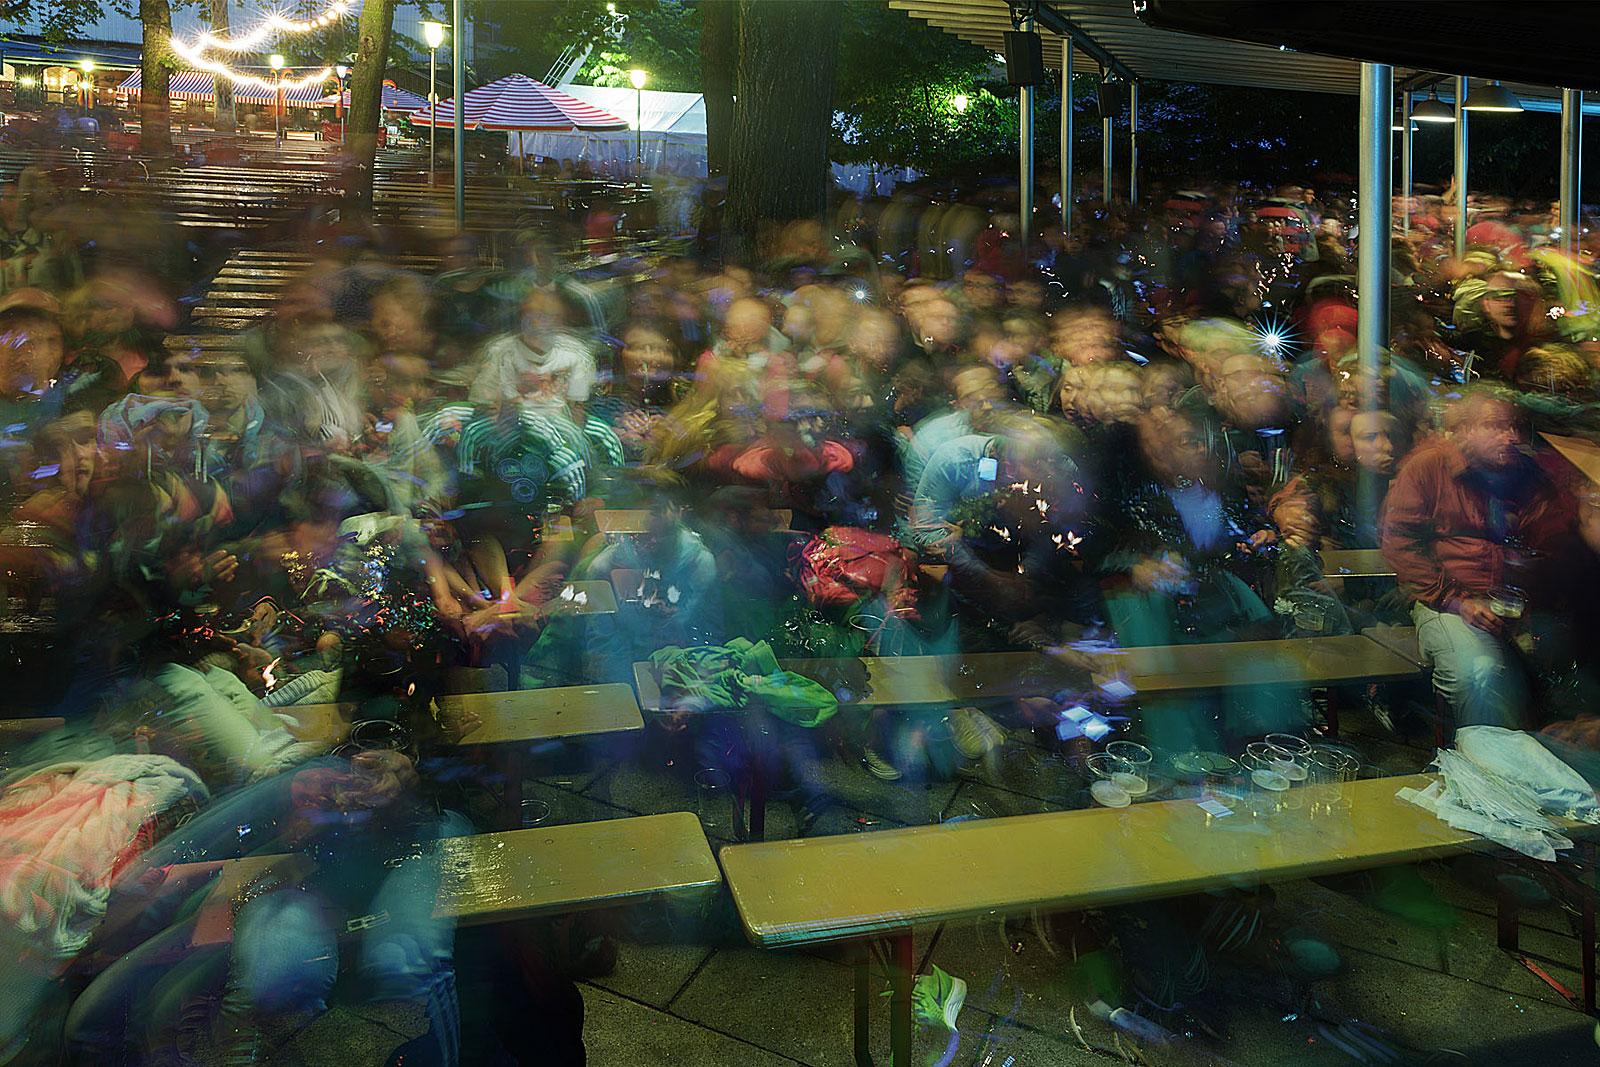 Deutschland - Algerien 2:1, Prater Garten (22.00 - 00.30 Uhr, 30.6.2014)